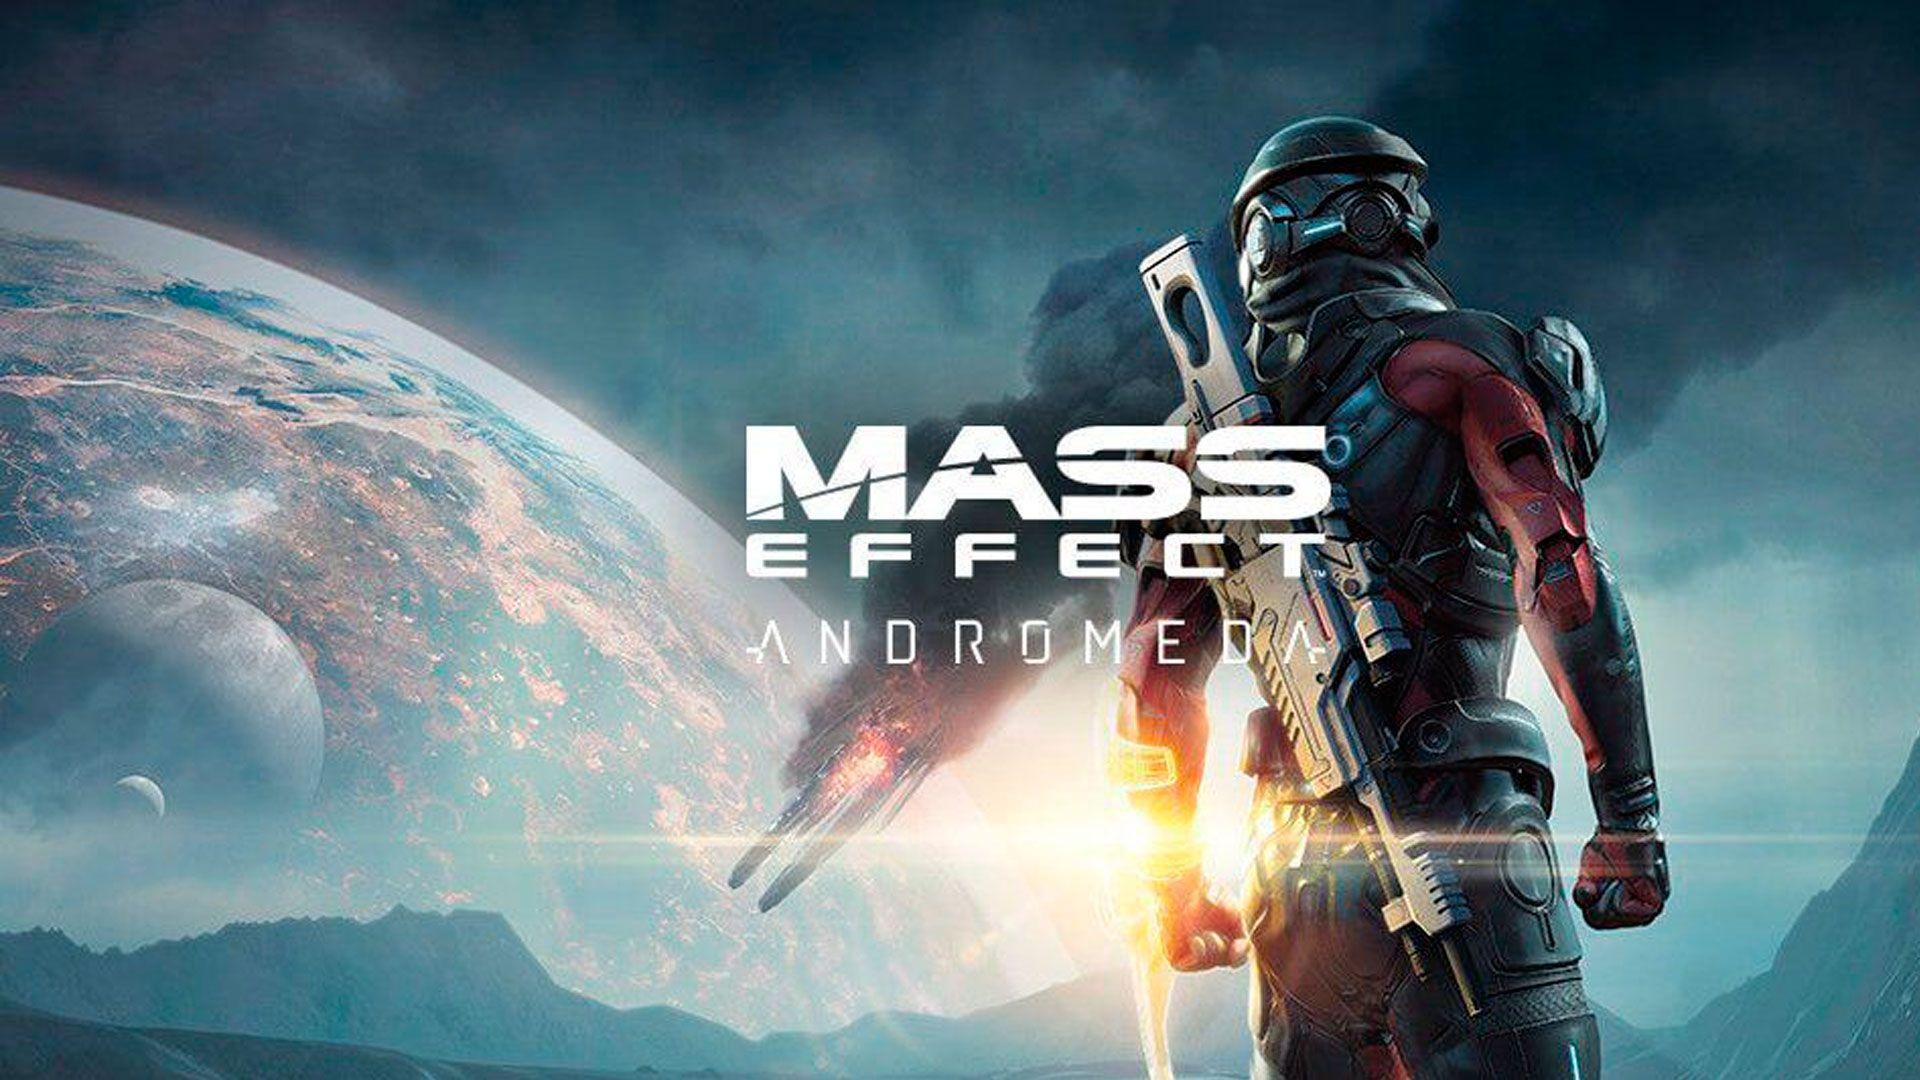 wallpaper hd mass effect andromeda #masseffect4